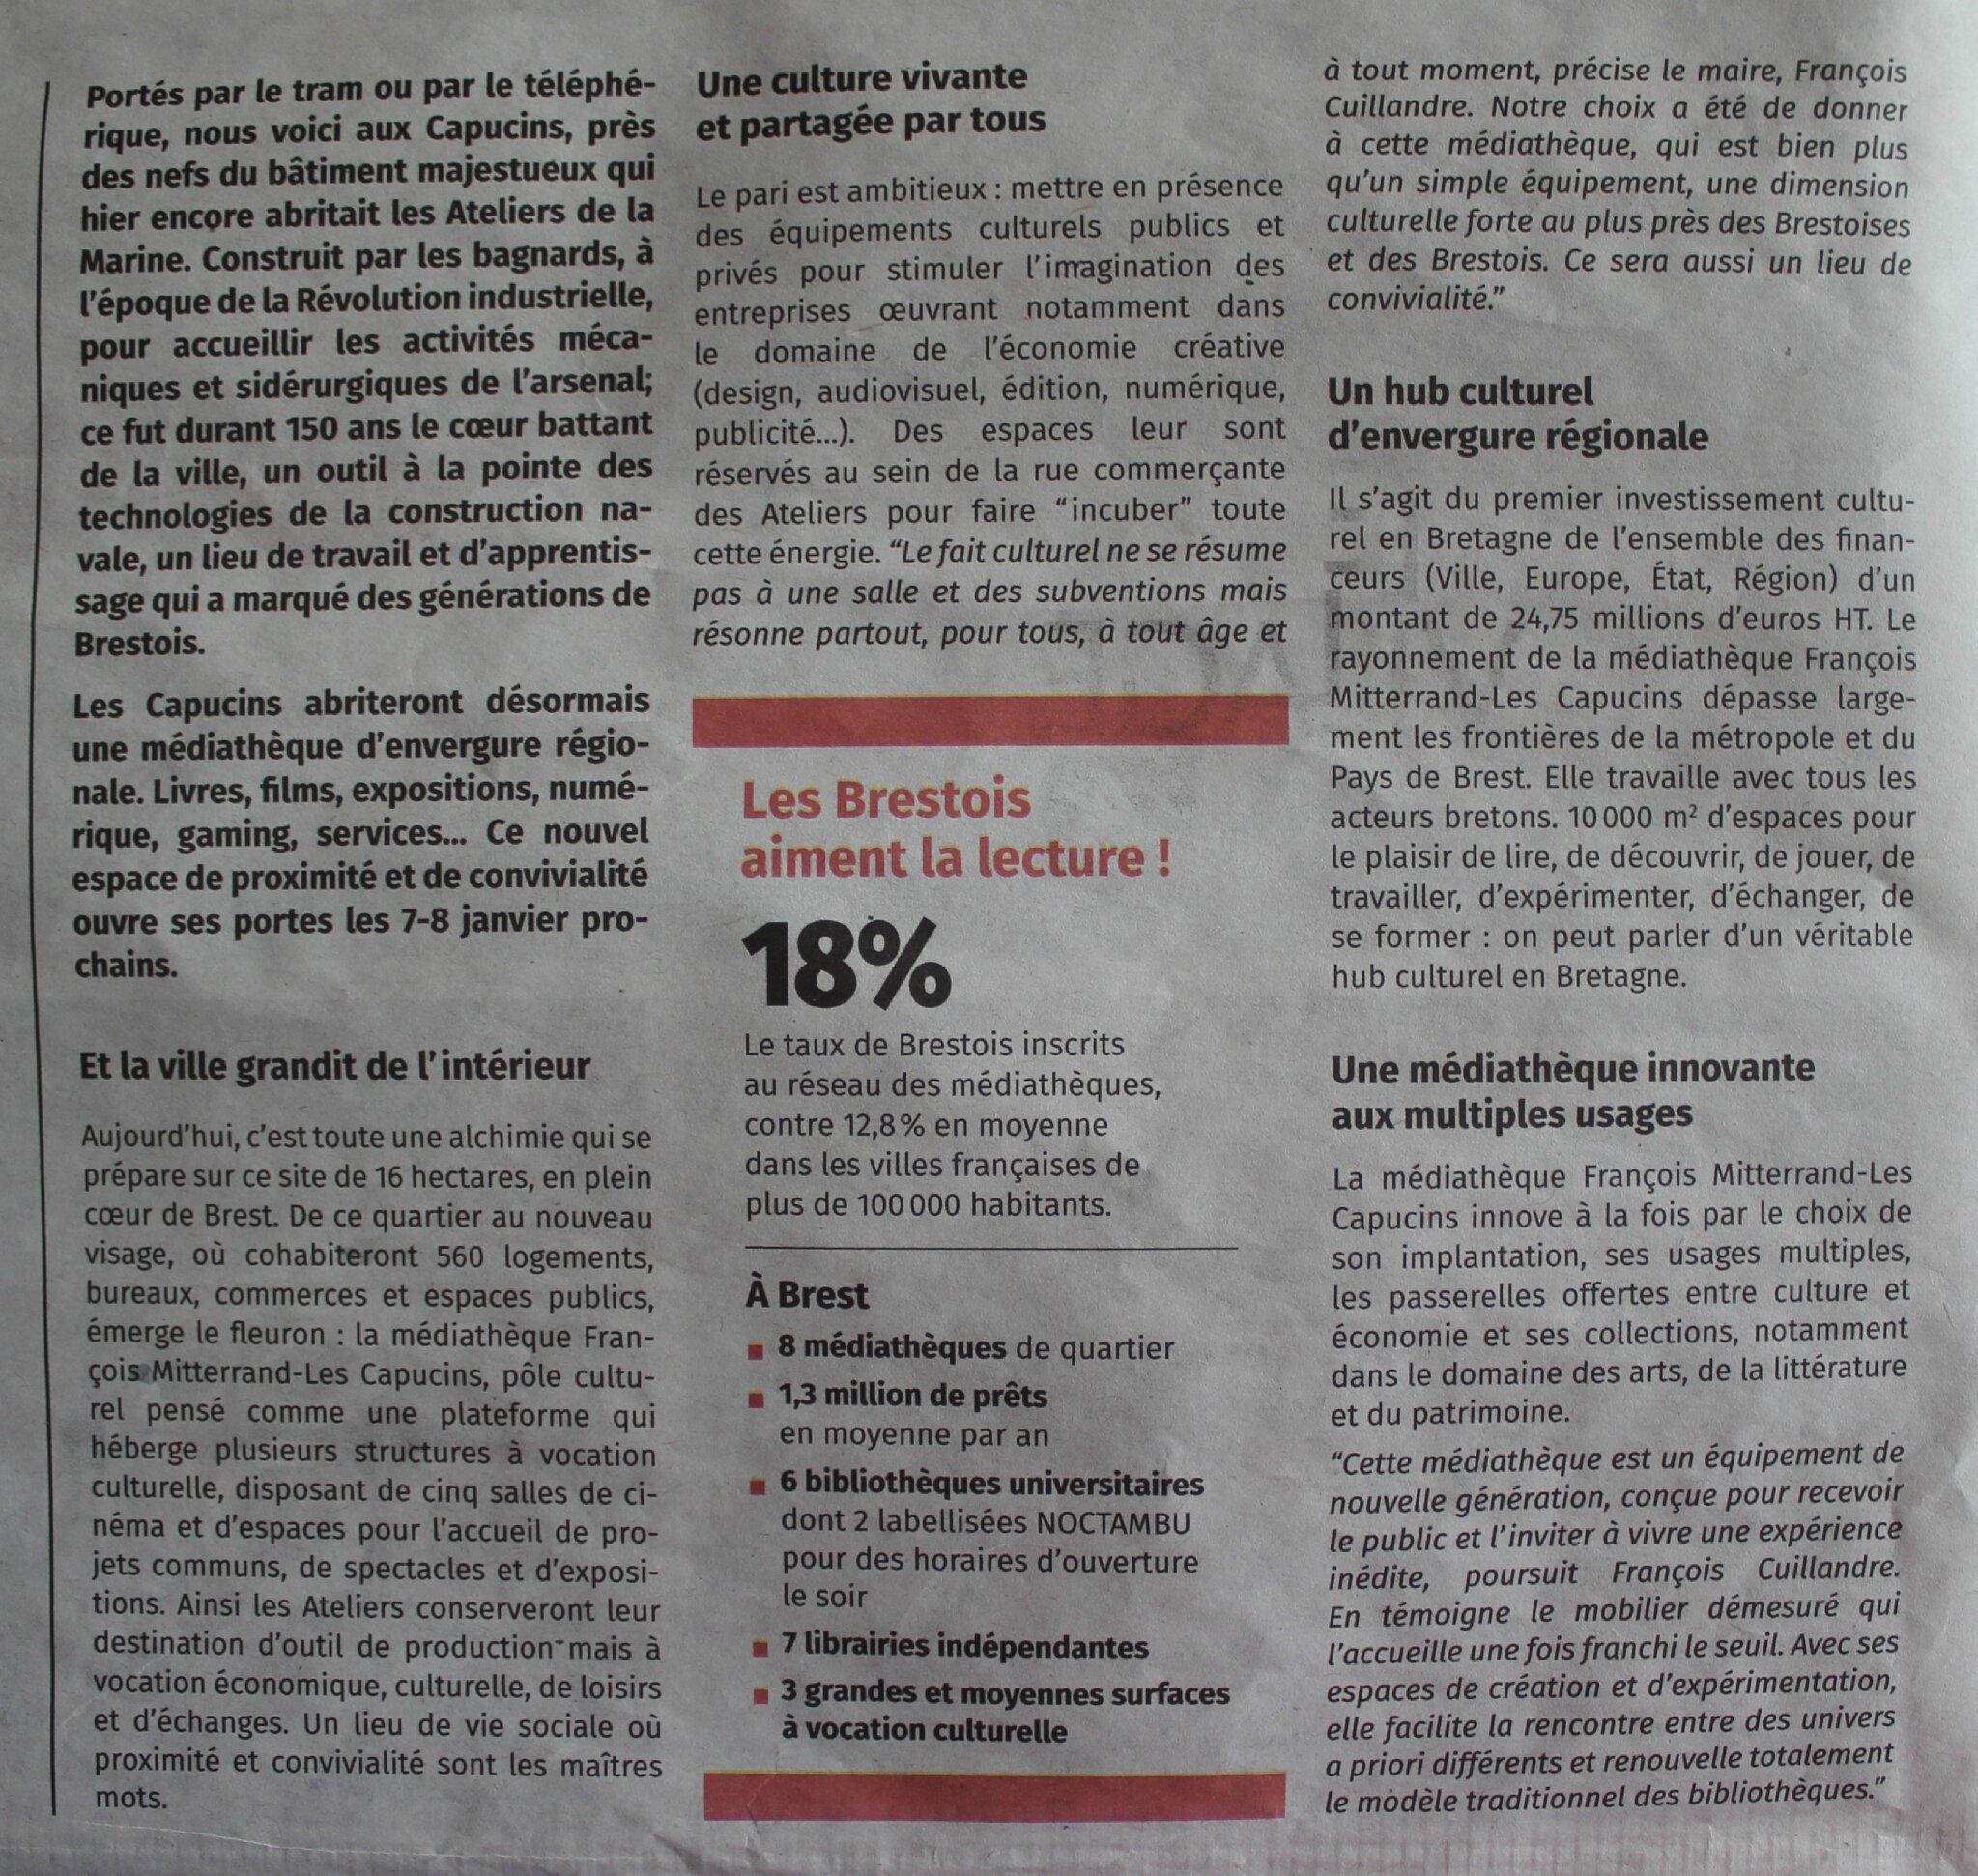 Balade à Brest  Bienvenue aux Capucins ! - modélisme trains e186913759b